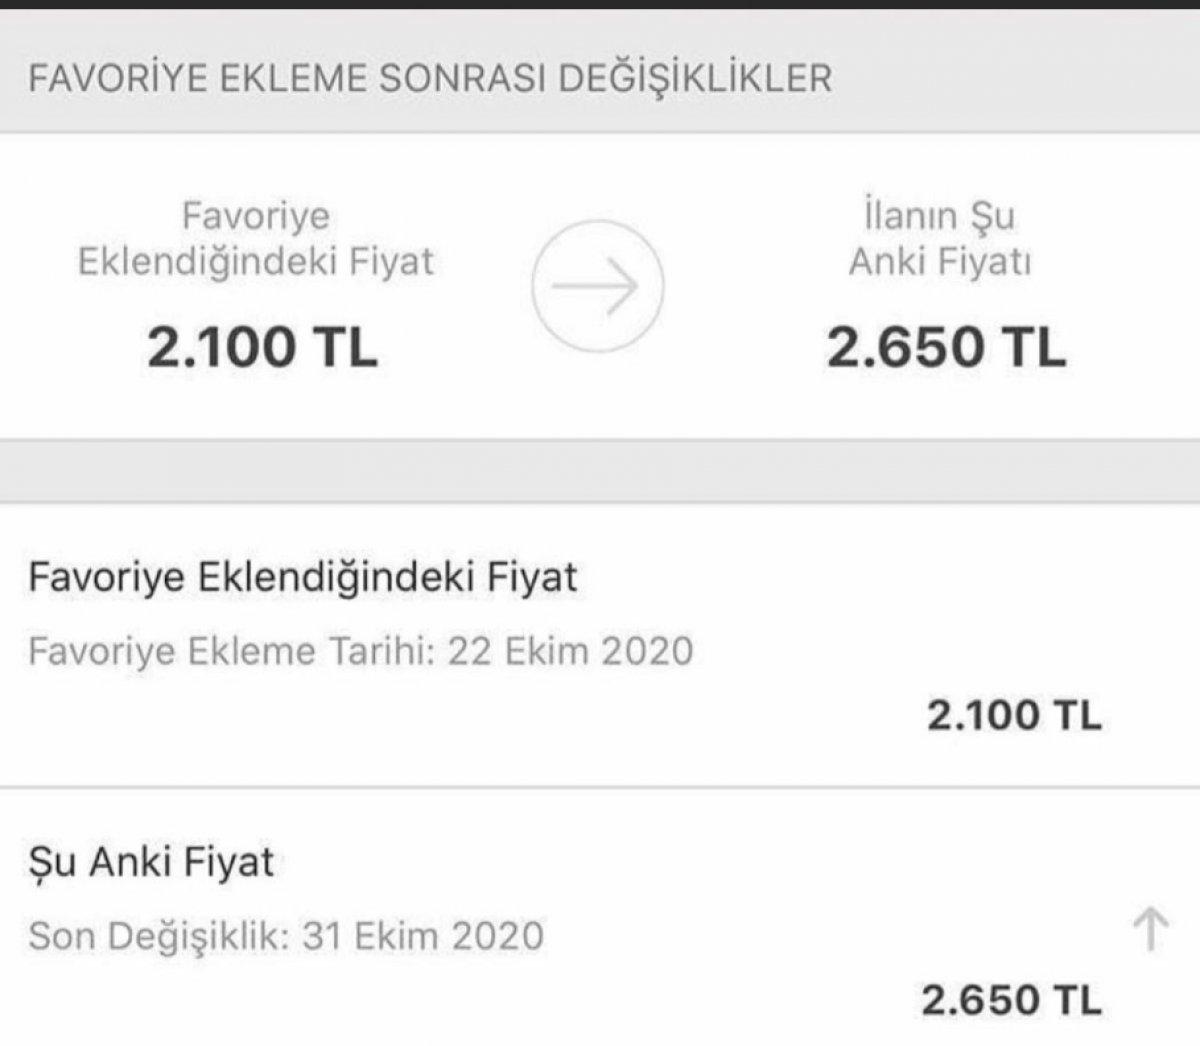 Deprem sonrası İzmir de ev kiraları arttı #2